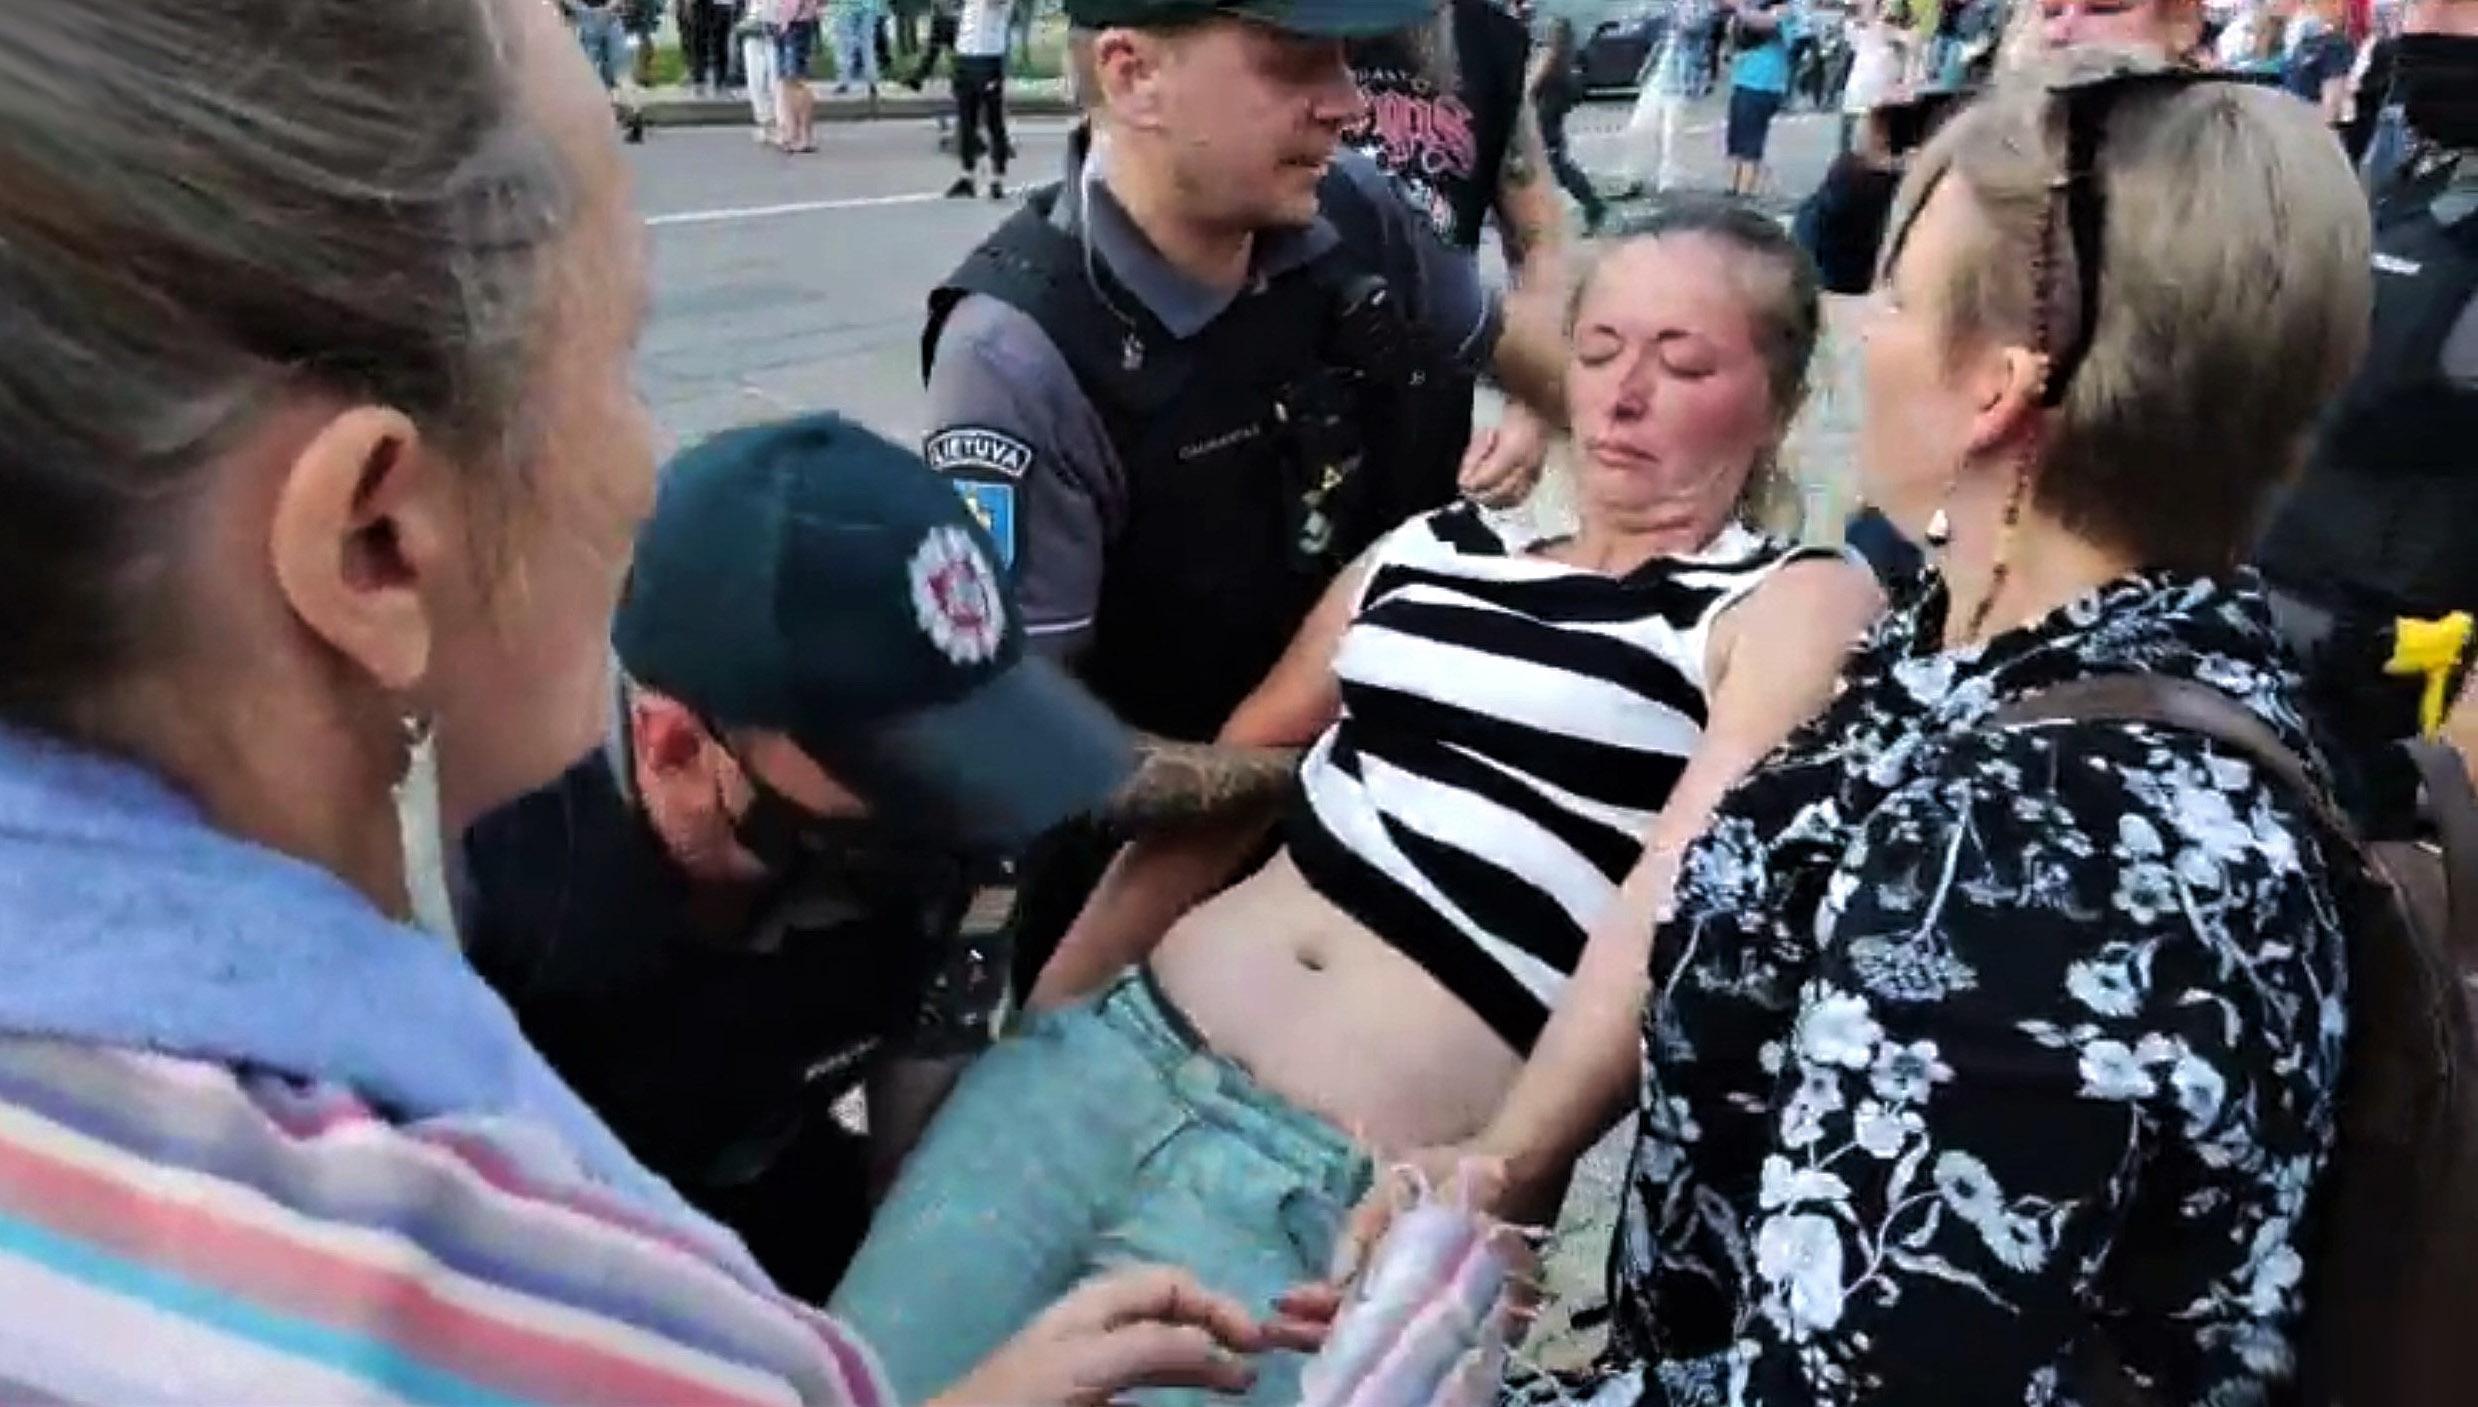 Riaušių policija panaudojo jėgą, lazdas ir ašarines dujas prieš taikius mitinguotojus | Alkas.lt ekrano nuotr.